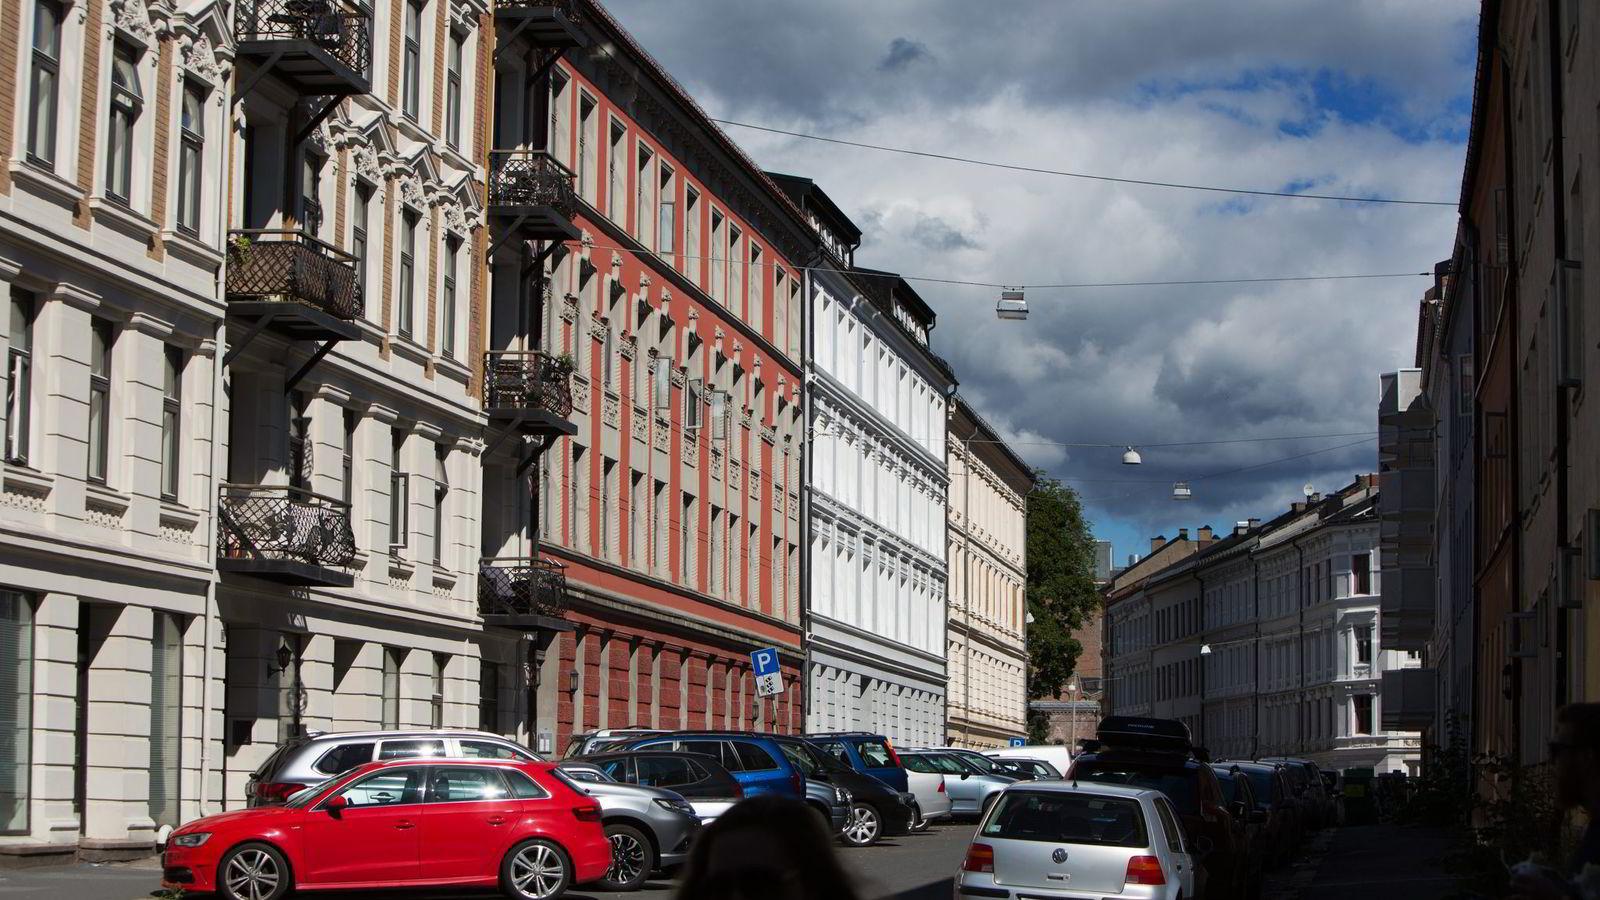 Å leie bolig er for de få, og en løsning i overgangsfaser. Og det er dyrt. Leieprisene i Oslo medfører at det er billigere å eie enn å leie. Foto: